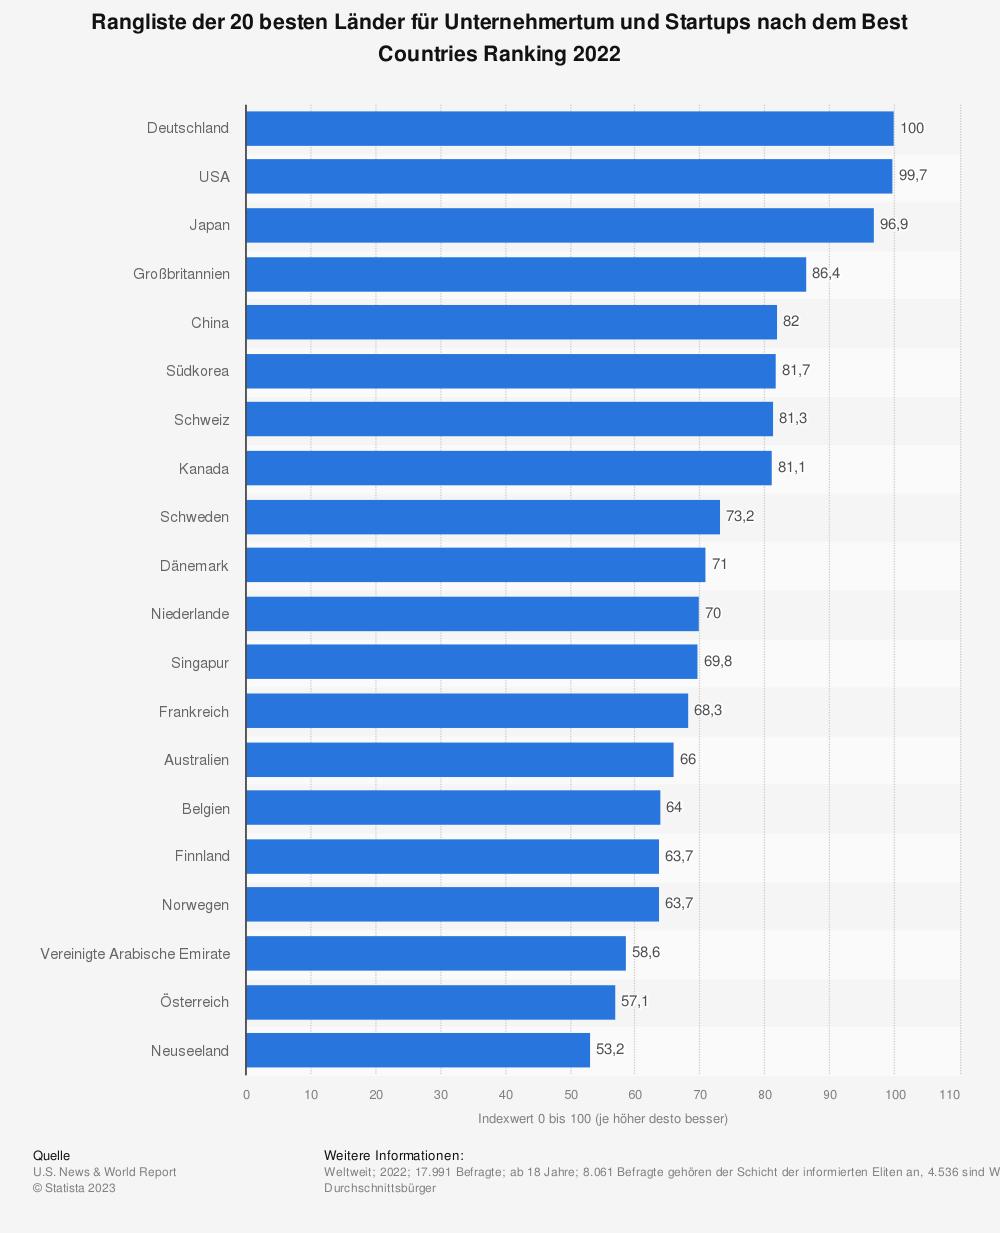 Statistik: Ranking der 20 besten Länder für Unternehmertum und Startups nach dem Best Countries Ranking 2020 | Statista